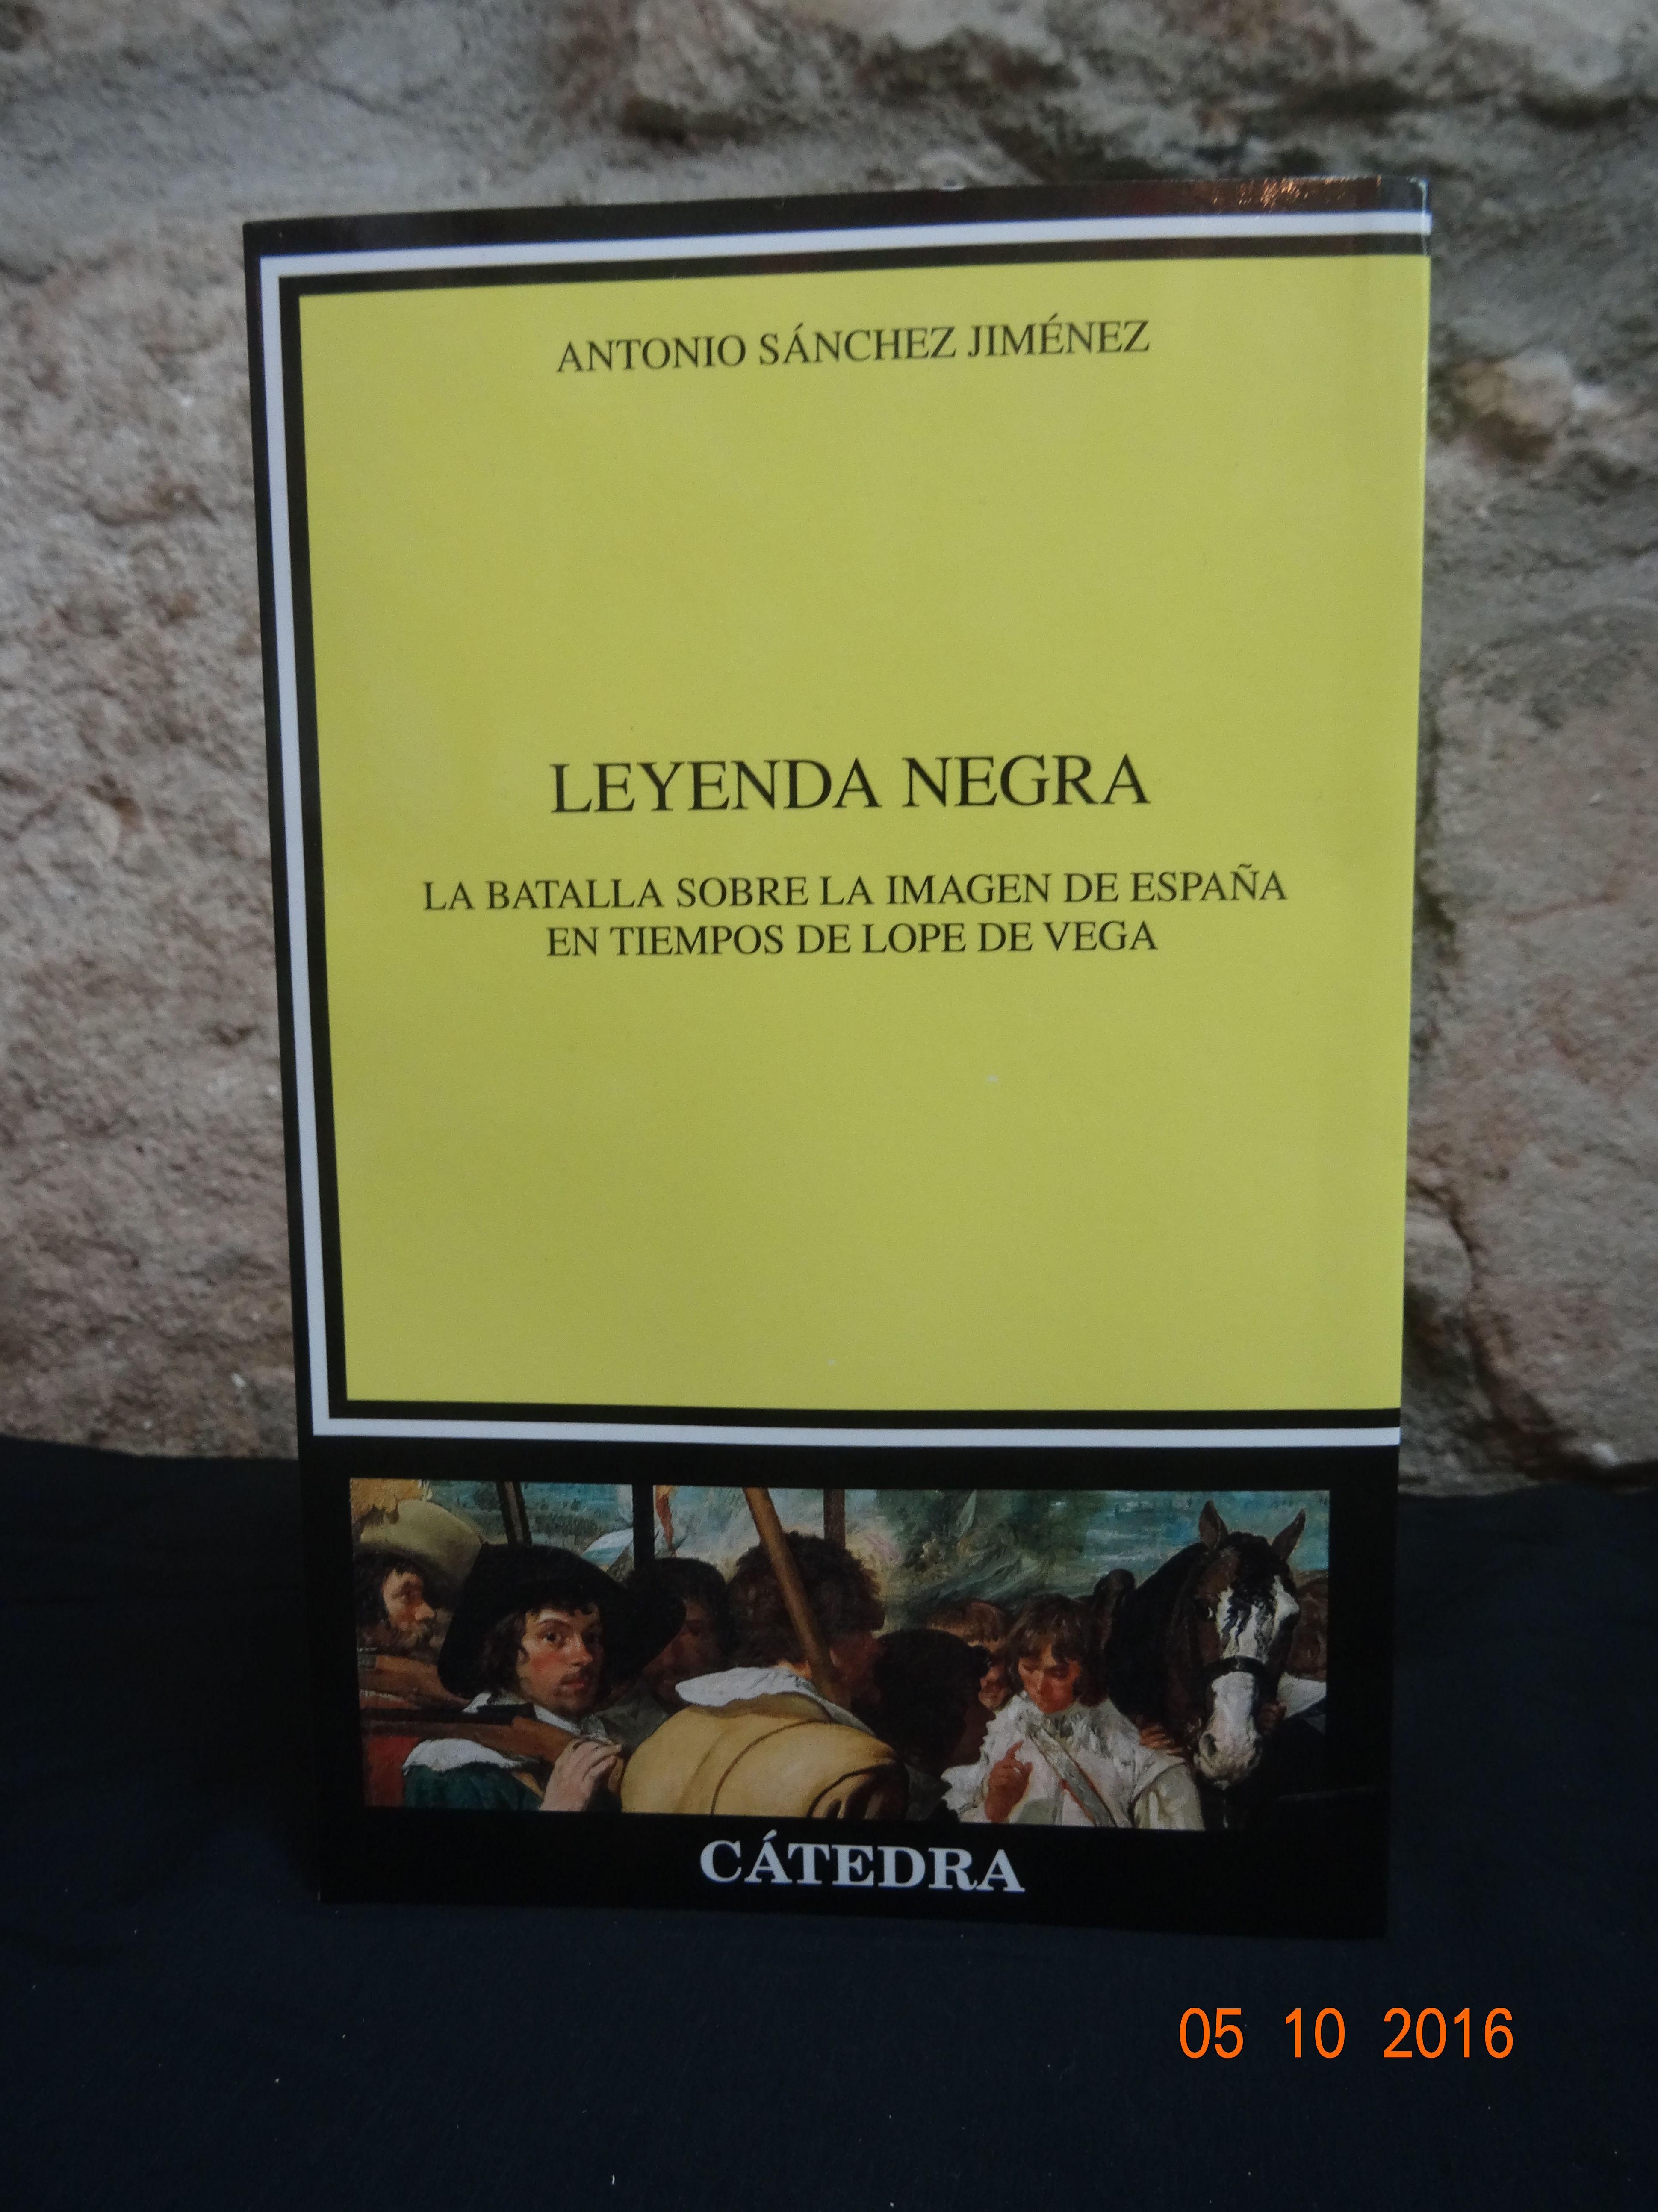 Leyenda Negra,batalla sobre la imagen de España en tiempos de Lope de Vega: SECCIONES de Librería Nueva Plaza Universitaria